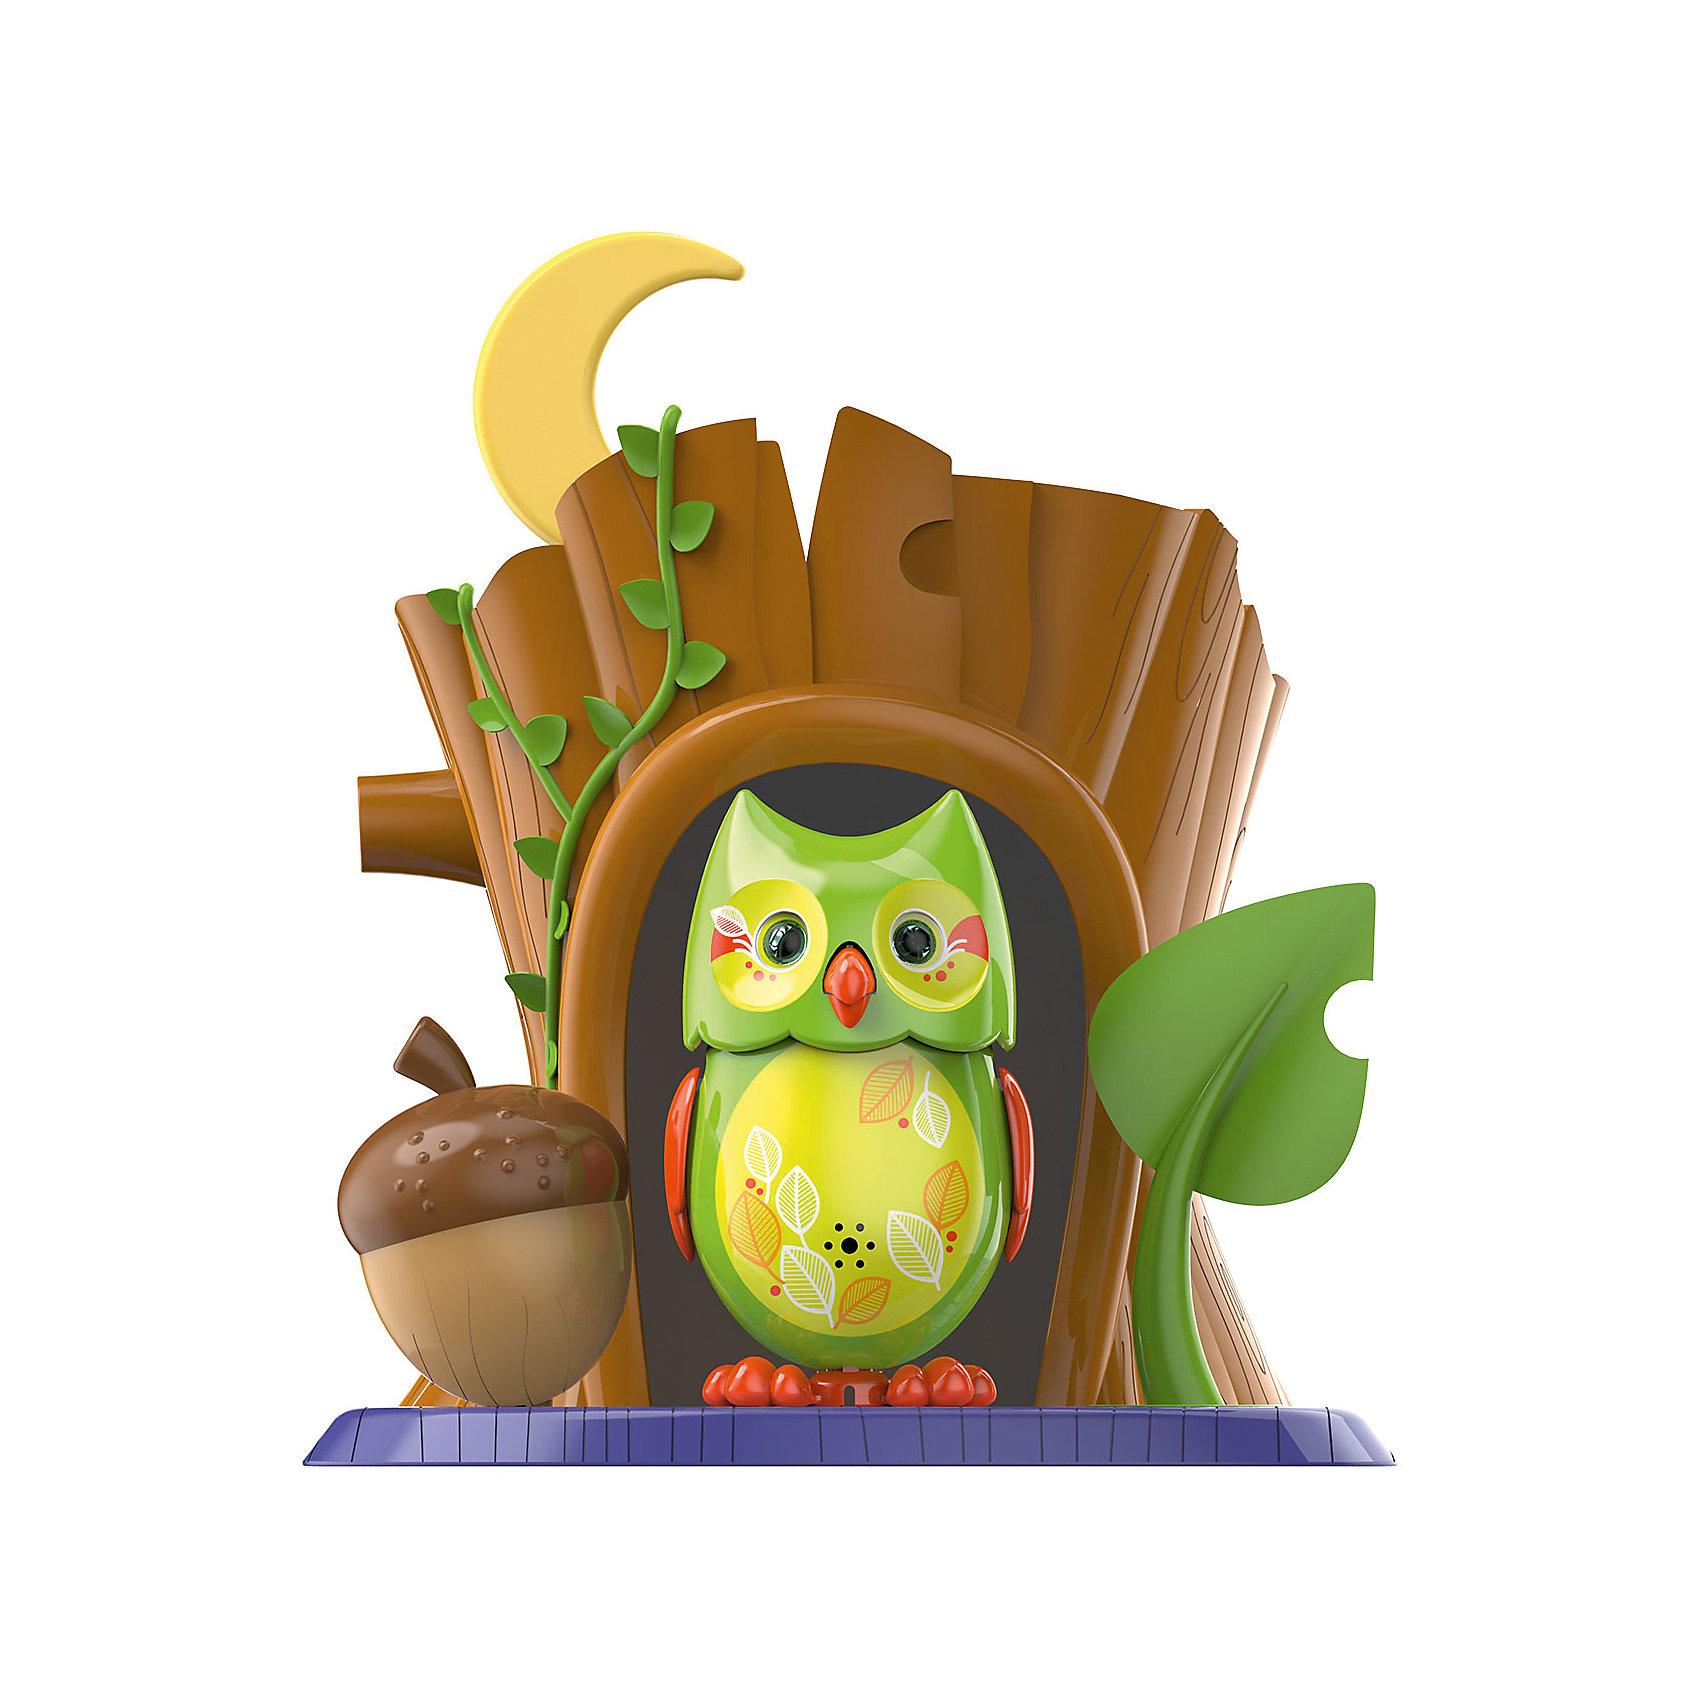 Поющая сова с домиком, в ассортименте, DigiBirdsИнтерактивные животные<br>Поющая сова с домиком, DigiBirds - оригинальная игрушка, которая вызовет интерес у детей любого возраста. Очаровательная сова ухает и щебечет 55 разных мелодий в режиме соло или хор. У птички яркое красочное оперение с оригинальными узорами. Чтобы активизировать сову достаточно подуть на нее, а чтобы птичка защебетала, нужно посвистеть в кольцо-свисток (входит в комплект). Ребенок может использовать свисток и как кольцо, надев его на два пальца и закрепив на нем птичку, и как насест для своего питомца. Исполняя веселую мелодию сова открывает клювик, машет крыльями и вертит головой, ее большие глаза при этом светятся. В комплект также входит подставка-домик в виде дупла дерева.<br><br>Игрушка совместима с другими птичками из серии Digibirds. Собрав вместе несколько персонажей Вы можете организовать настоящий хор лесных обитателей (пение синхронизируется). В ассортименте совы с разными расцветками. <br><br>Дополнительная информация:<br><br>- В комплекте: птичка, свисток для активизации птички, подставка-домик.<br>- Материал: пластмасса.<br>- Требуются батарейки: 3 х LR44 (входят в комплект).<br>- Размер птички: 7 см.<br>- Размер упаковки: 10,8 x 15,2 x 17,2 см.<br>- Вес: 0,308 кг.<br><br>Поющую сову с домиком, DigiBirds, можно купить в нашем интернет-магазине.<br><br>ВНИМАНИЕ! Данный артикул имеется в наличии в разных цветовых исполнениях. К сожалению, заранее выбрать определенный цвет не возможно.<br><br>Ширина мм: 108<br>Глубина мм: 152<br>Высота мм: 172<br>Вес г: 308<br>Возраст от месяцев: 36<br>Возраст до месяцев: 84<br>Пол: Унисекс<br>Возраст: Детский<br>SKU: 4310796